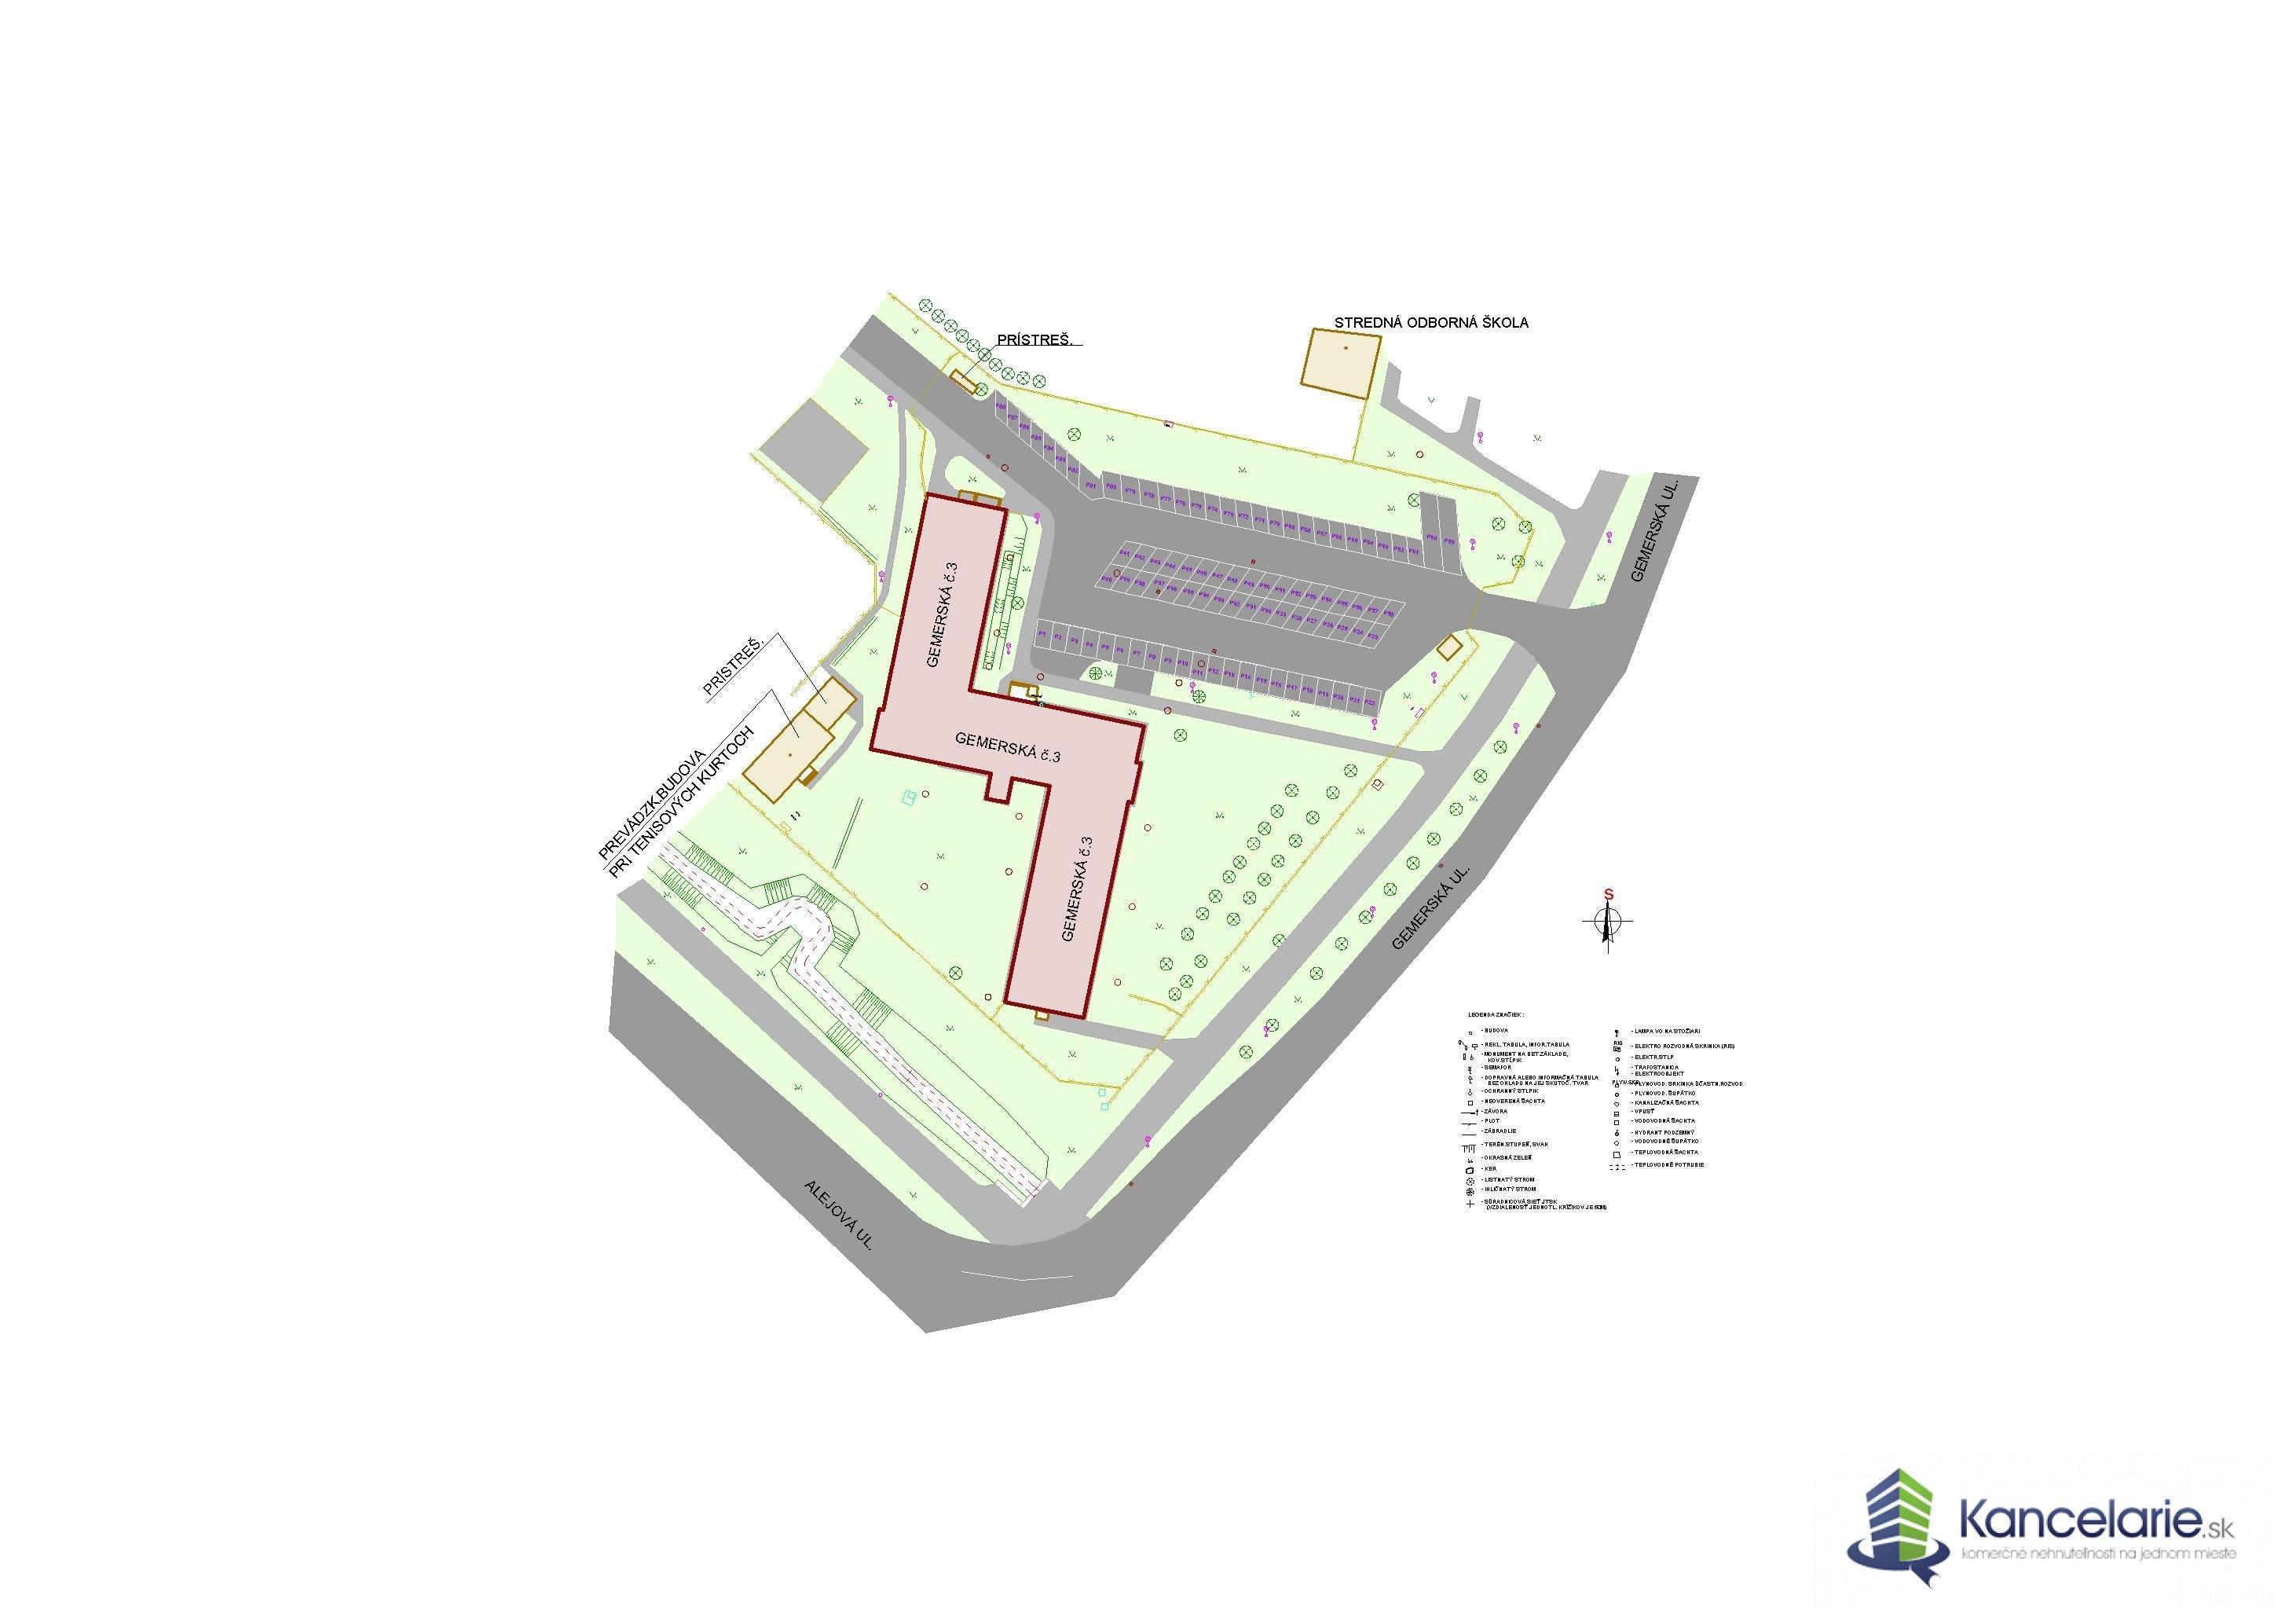 PODNIKATEĽSKÉ CENTRUM, Kancelárske priestory, Gemerská 3, Košice